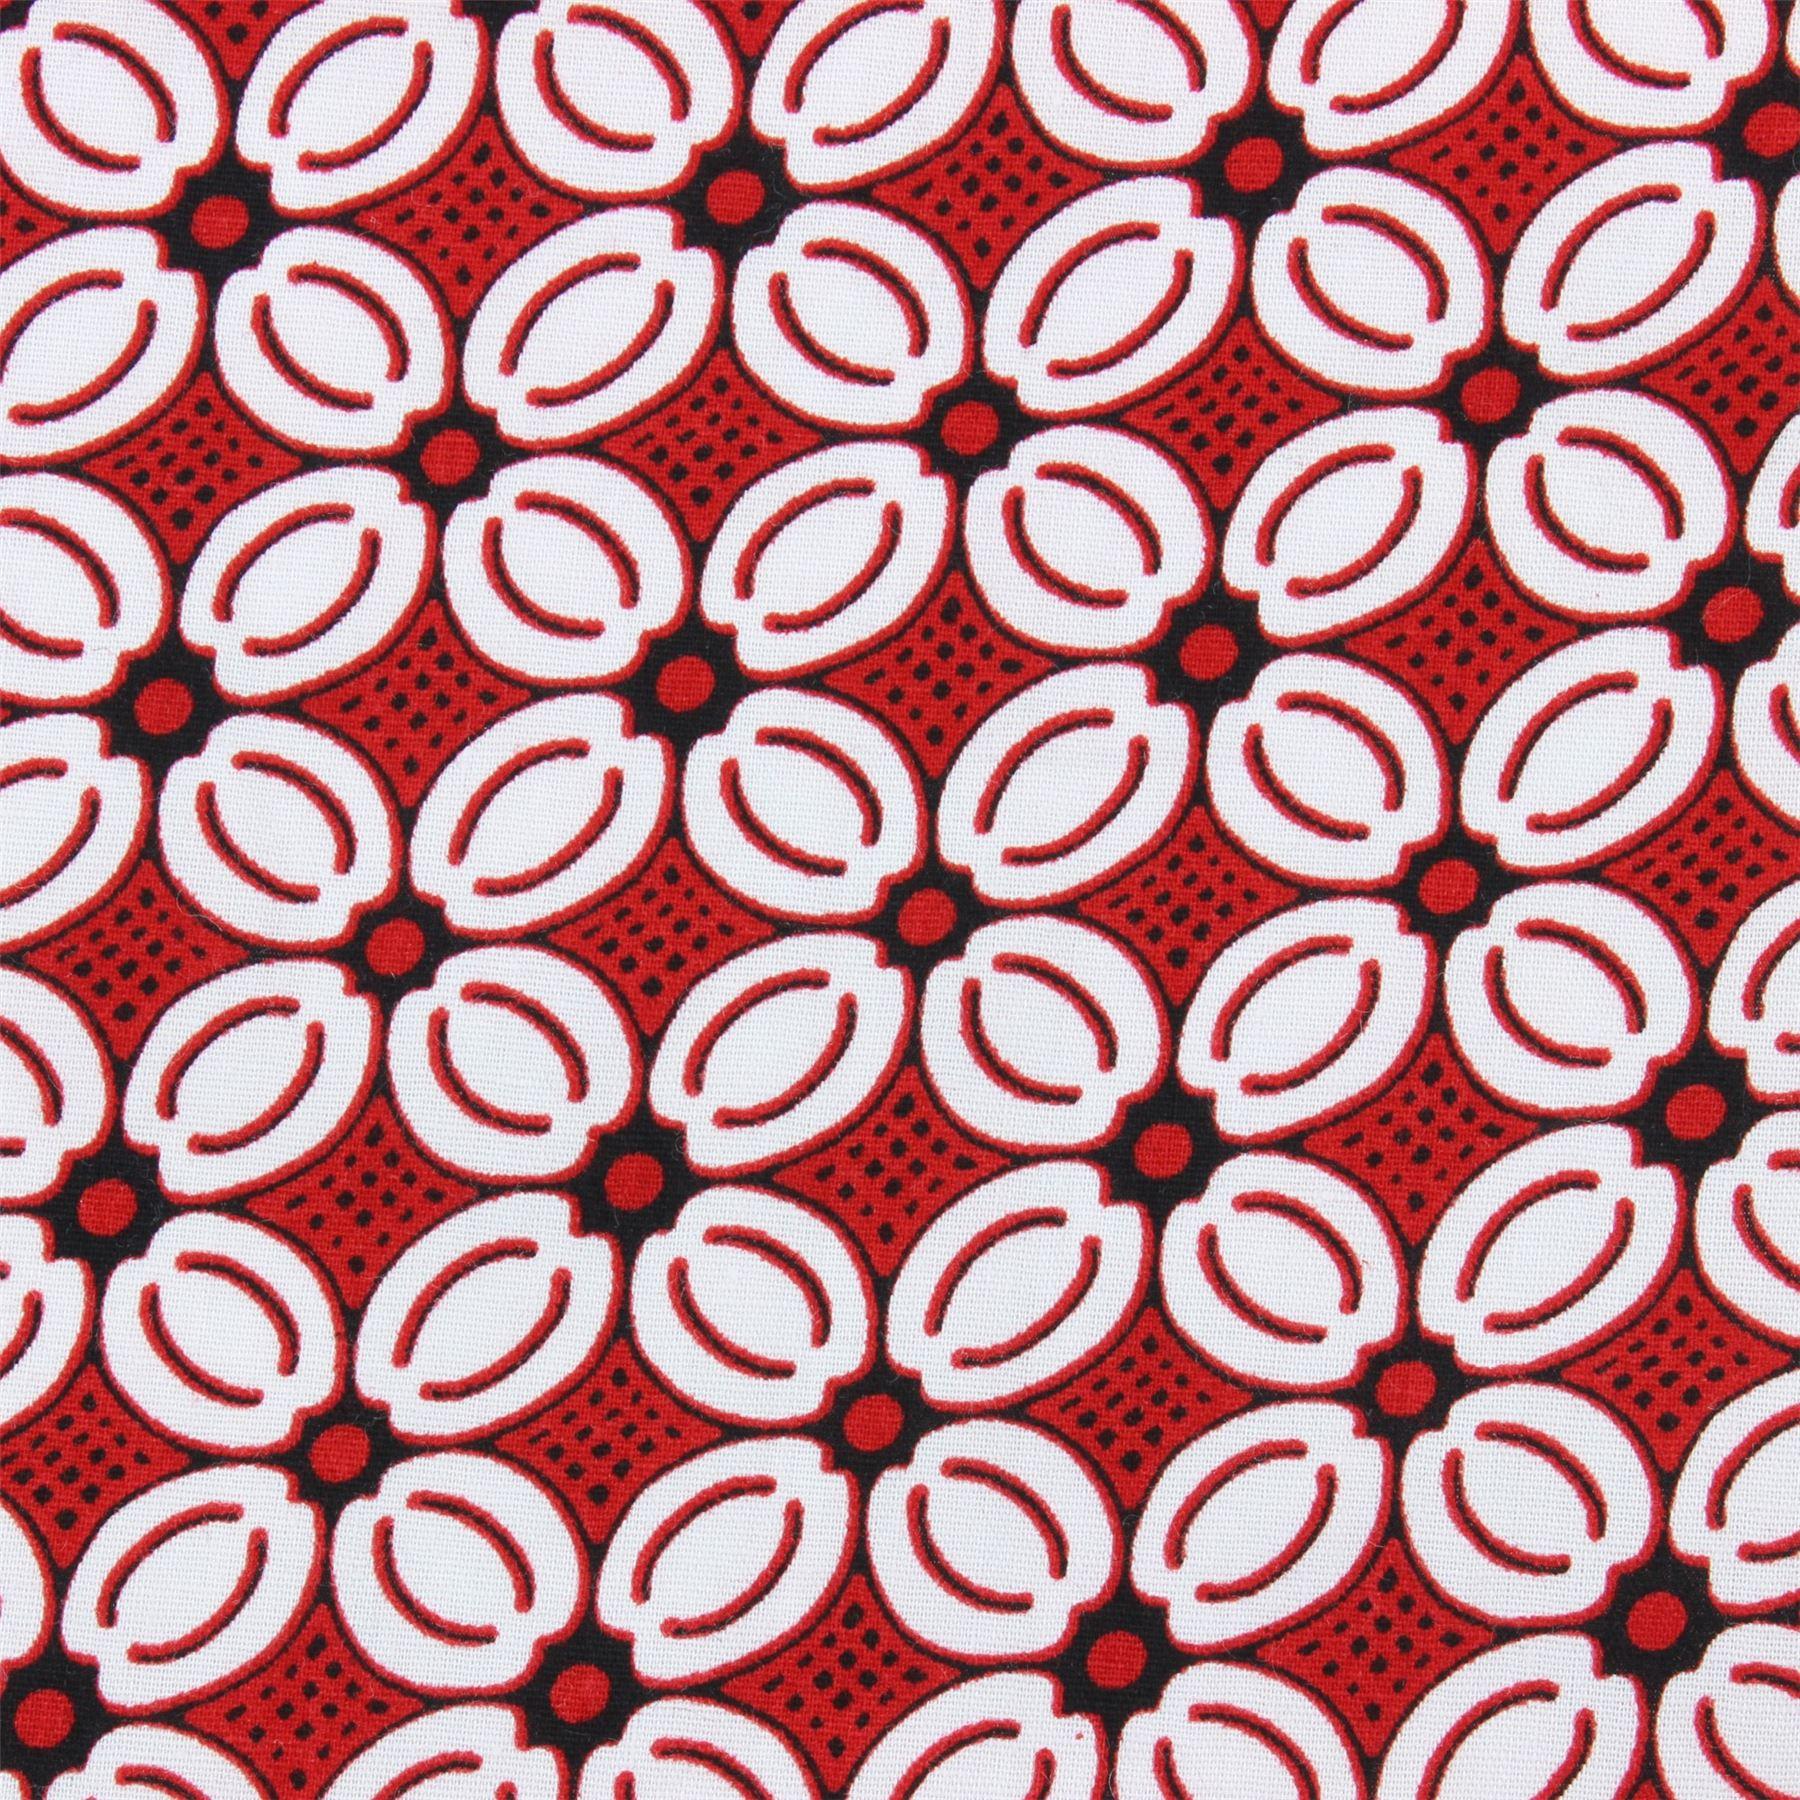 Camicia da Uomo Loud Originals Regular Piastrelle Rétro Psichedelico Psichedelico Psichedelico Stravagante db5dfc